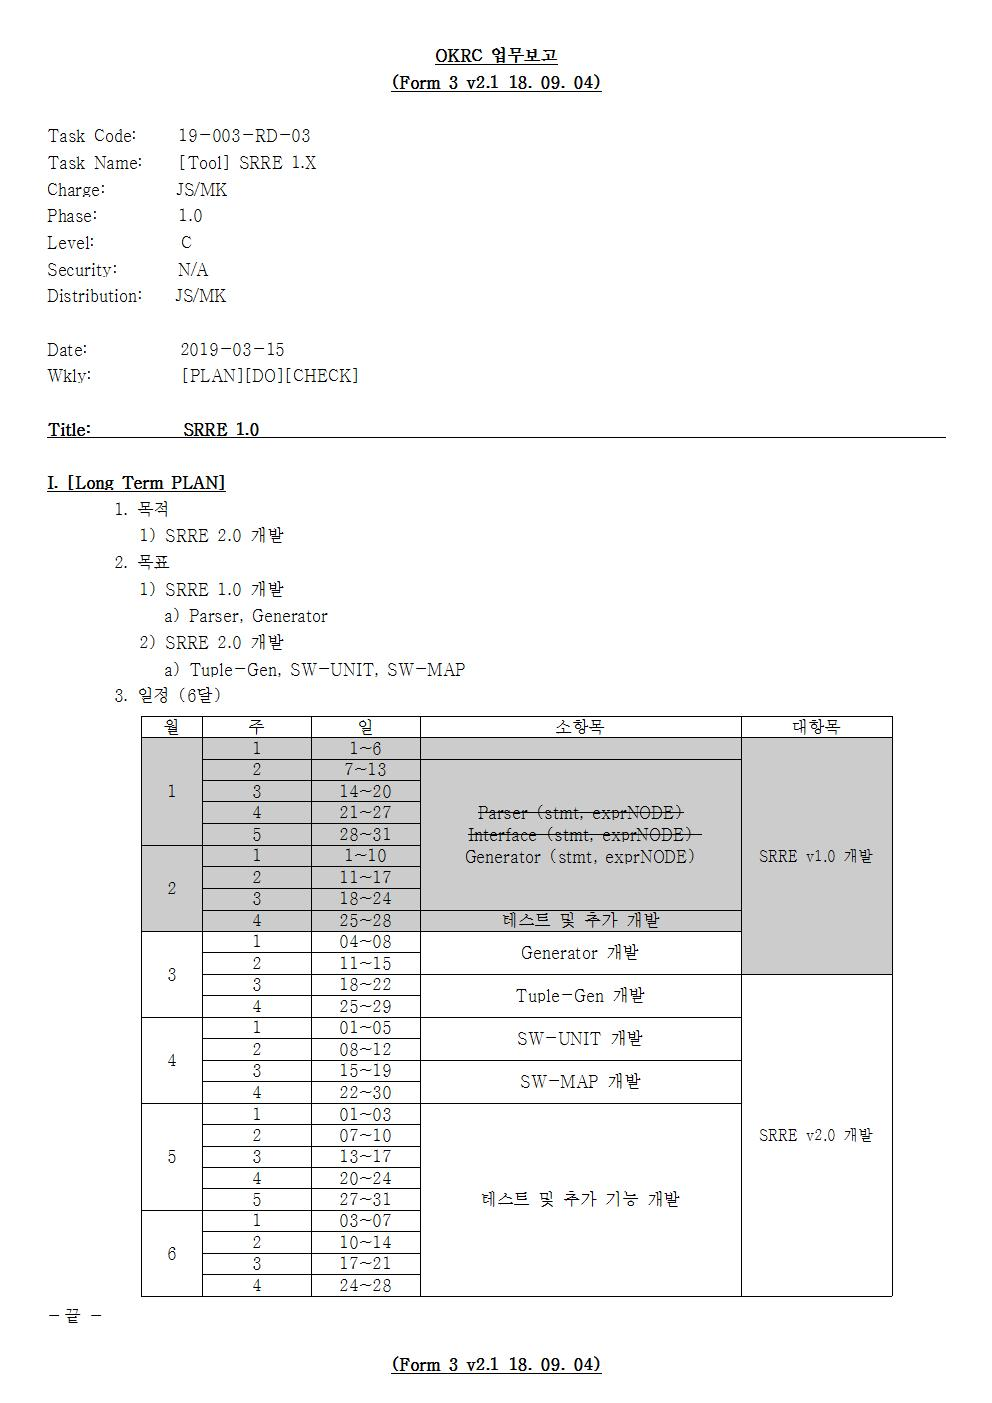 D-[19-003-RD-03]-[Tool-SRRE-1.X]-[2019-03-15][JS]001.jpg